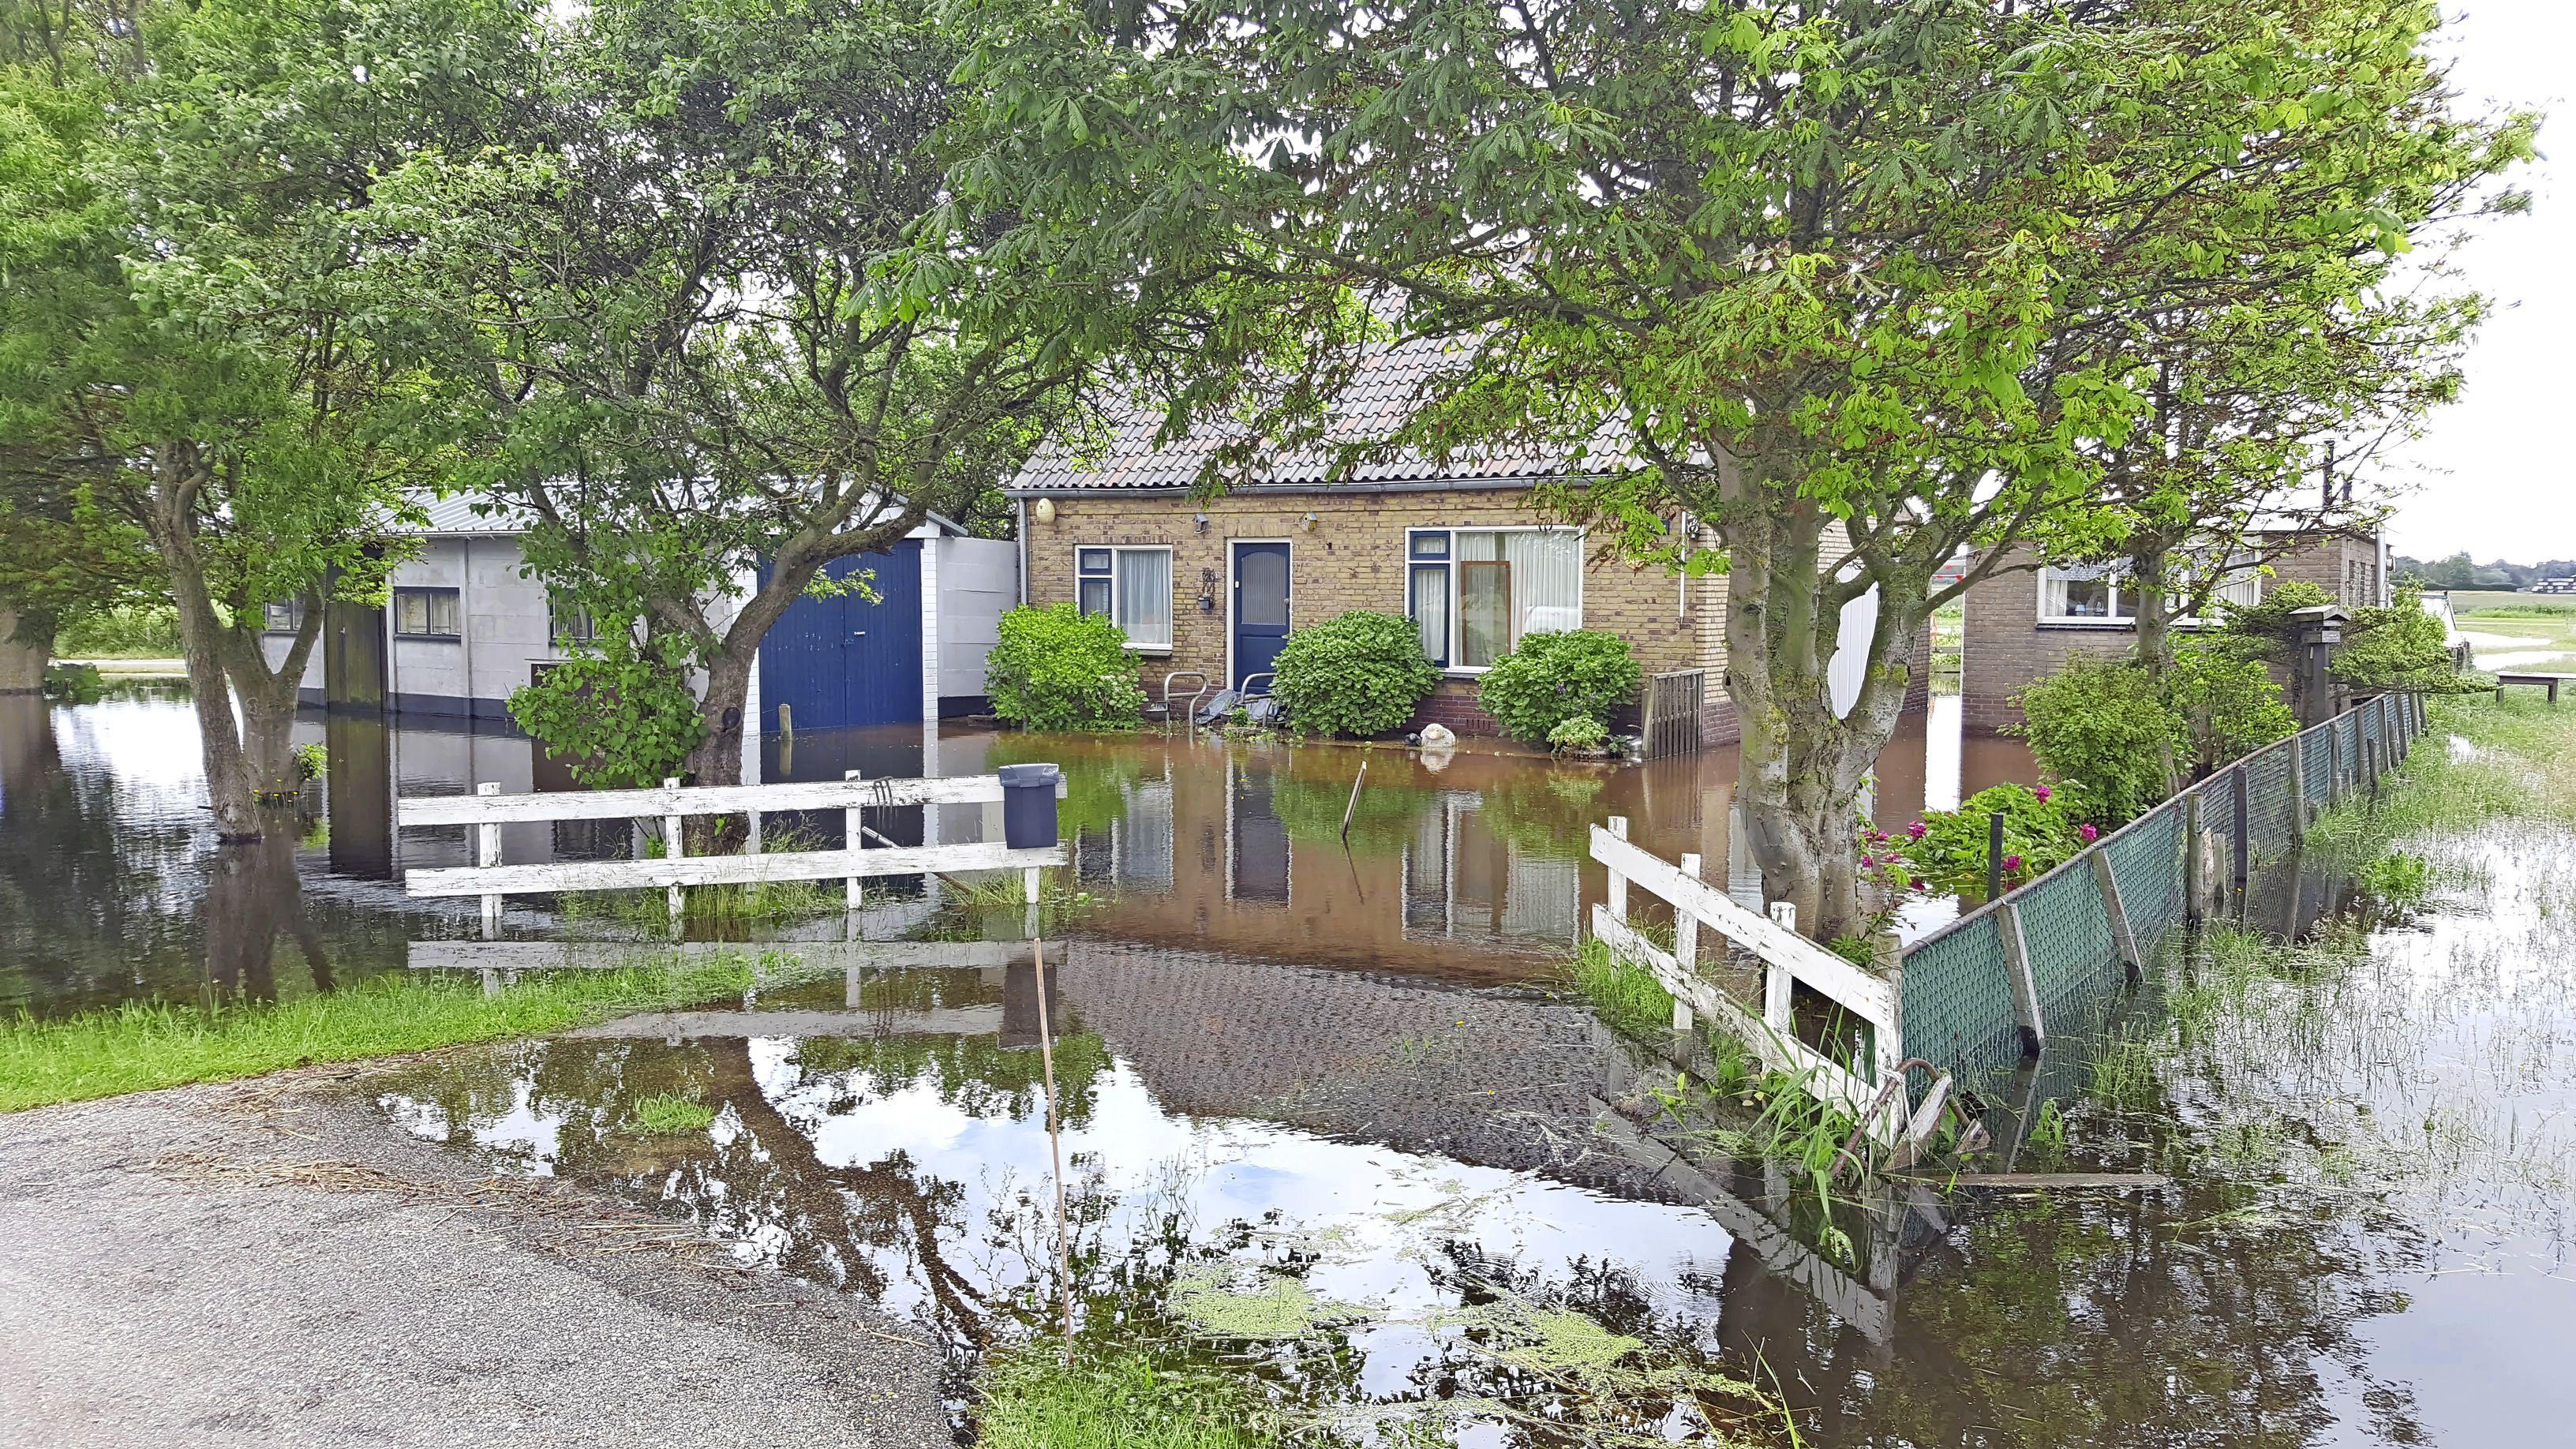 Woning staat blank door extreme wateroverlast, de oudere bewoners zijn geëvacueerd en flink ontdaan. Er zwommen karpers rond het huis